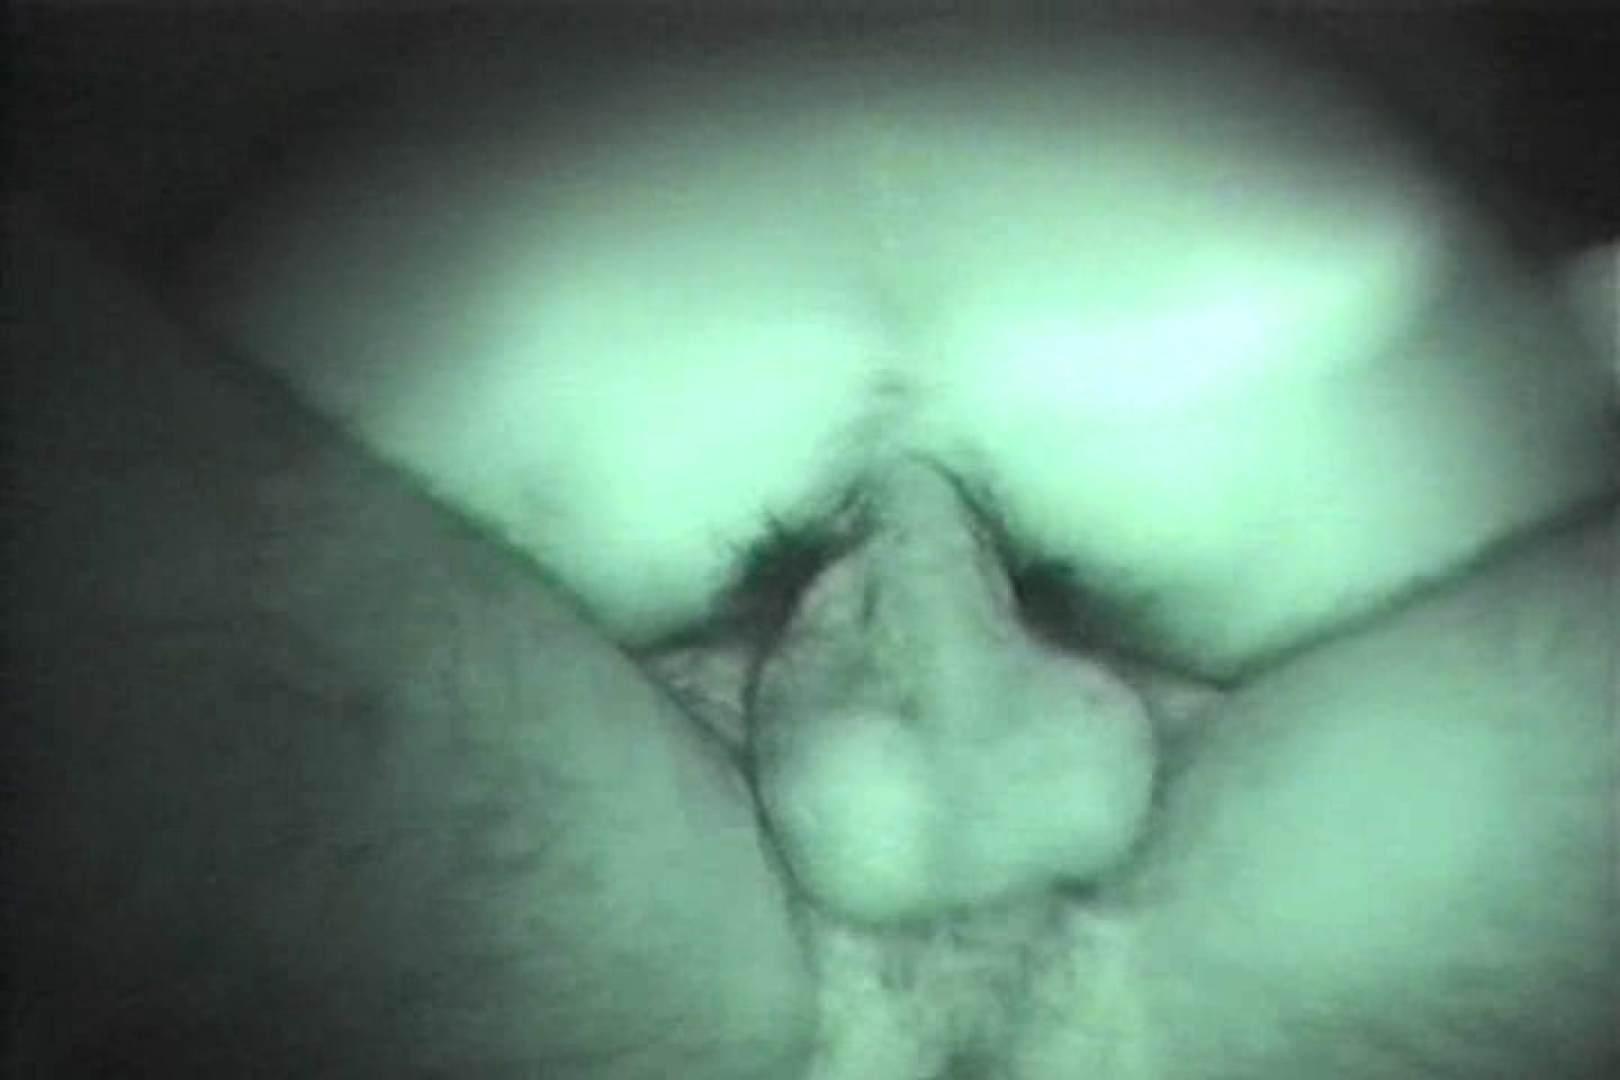 MASAさんの待ち伏せ撮り! 赤外線カーセックスVol.9 セックス おまんこ無修正動画無料 113pic 84